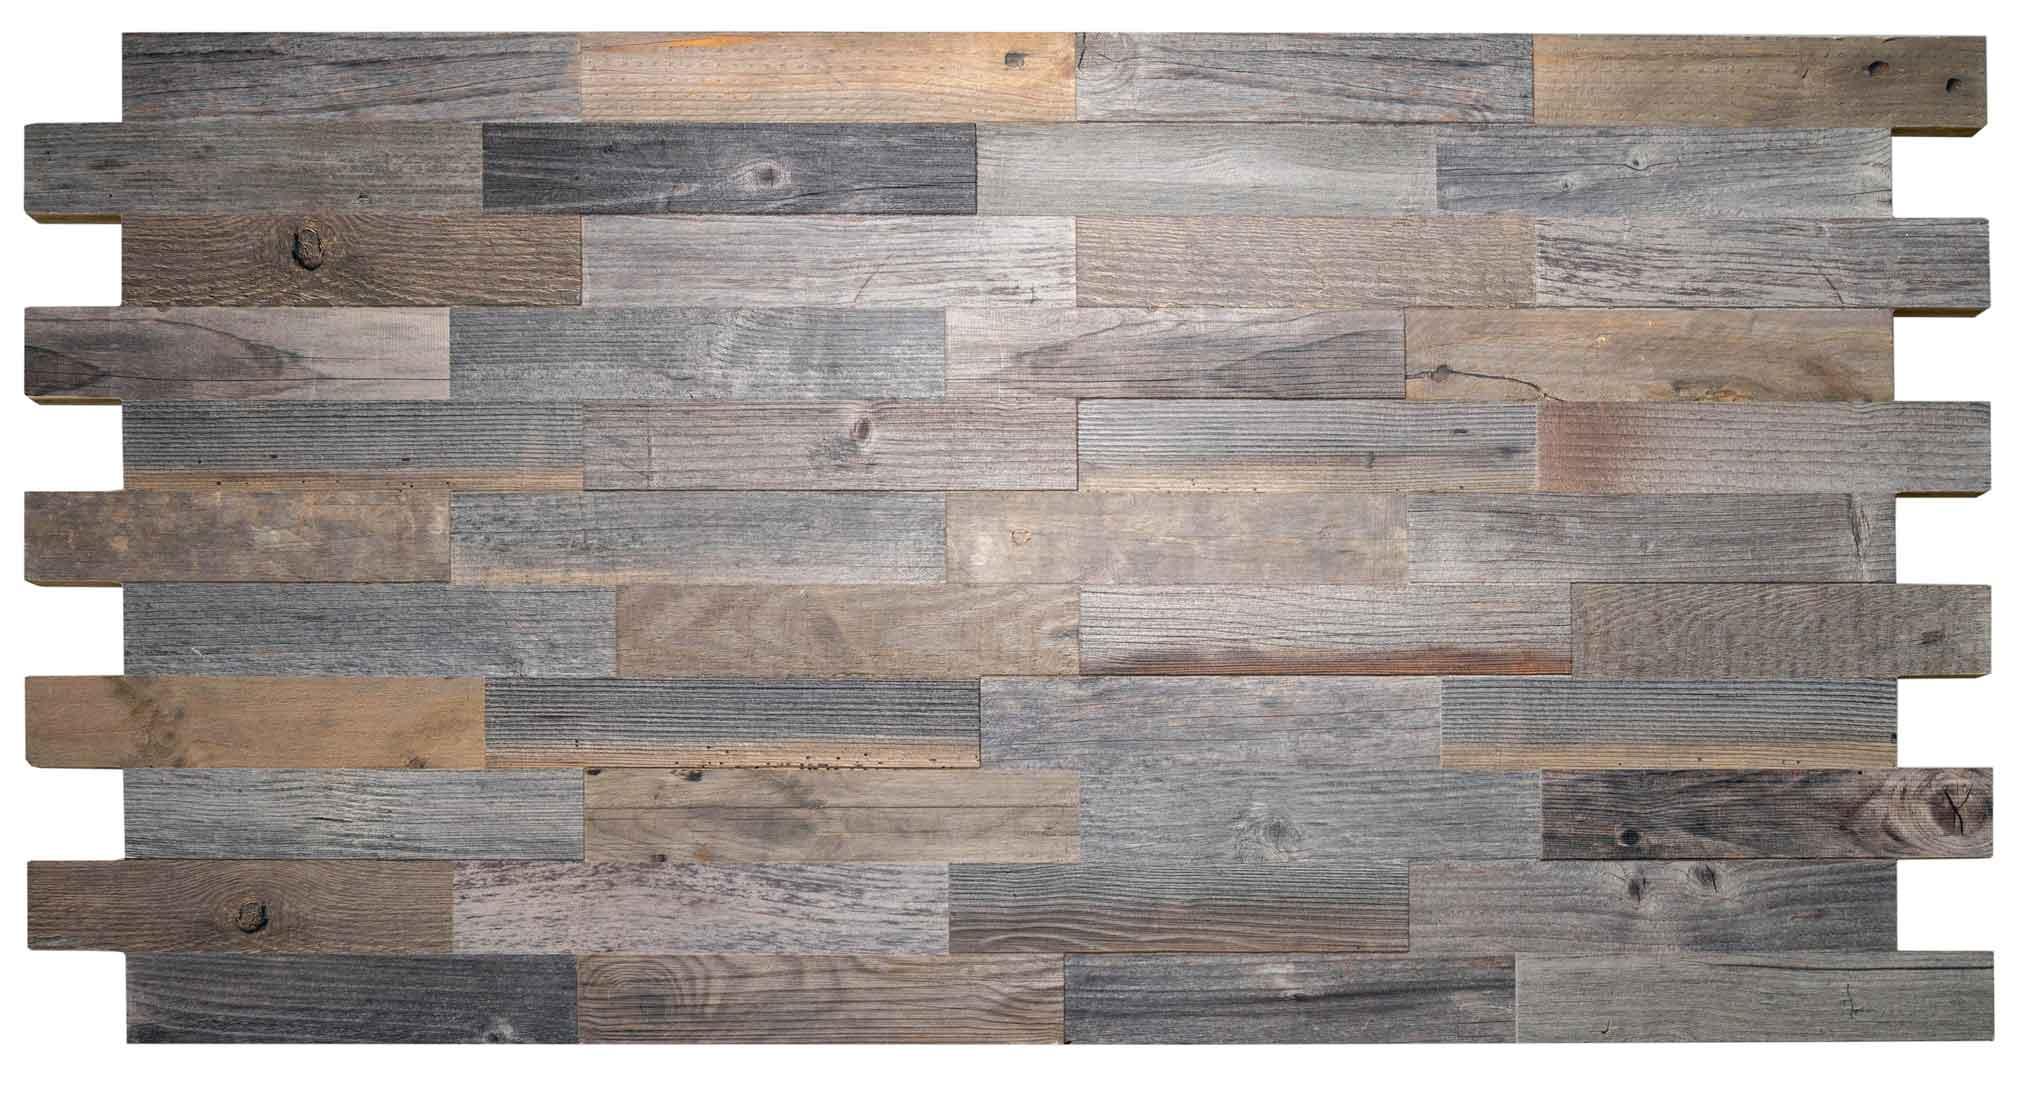 Spaltholzplatte mit versetztem Brettabschluss